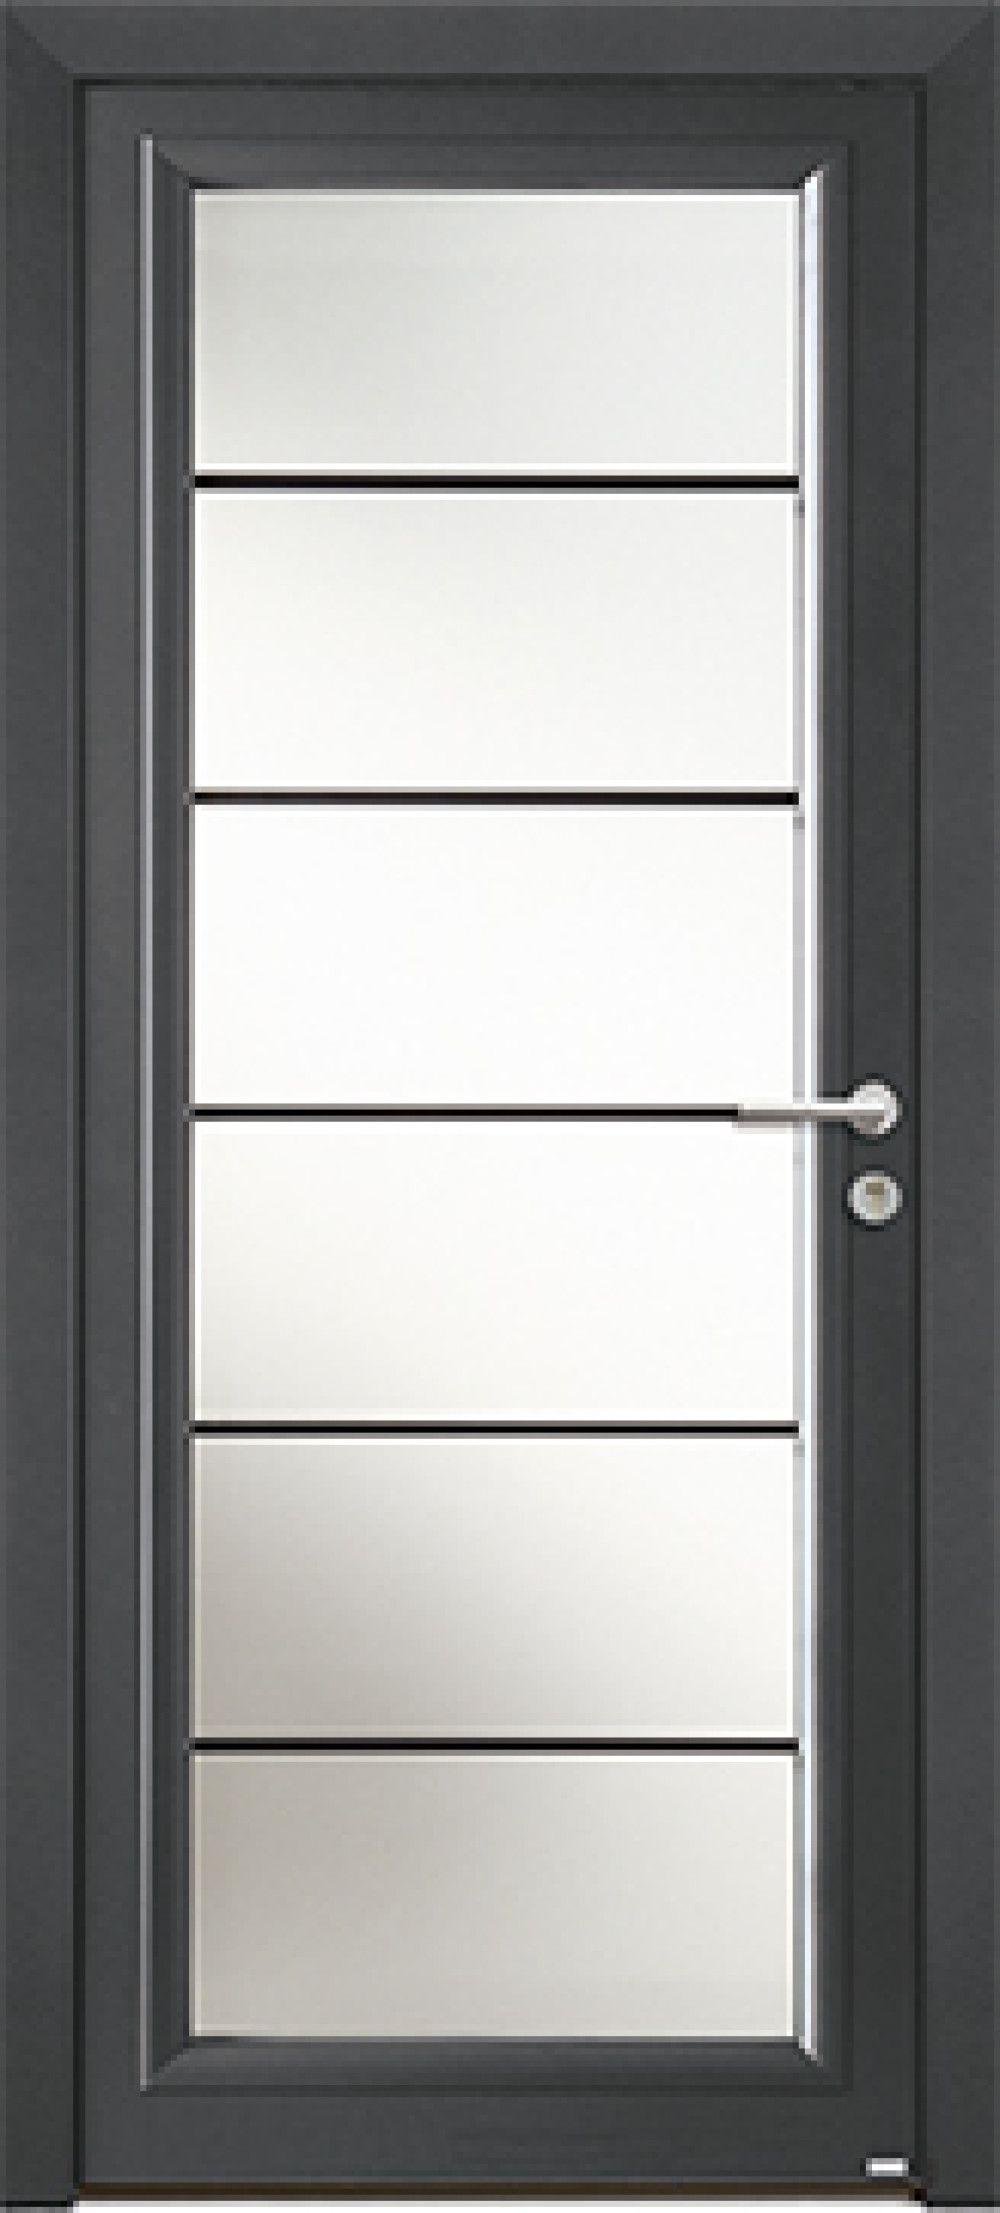 Porte Entree Vitree Opaque Épinglé par audrey franchineau sur porte entree vitree en